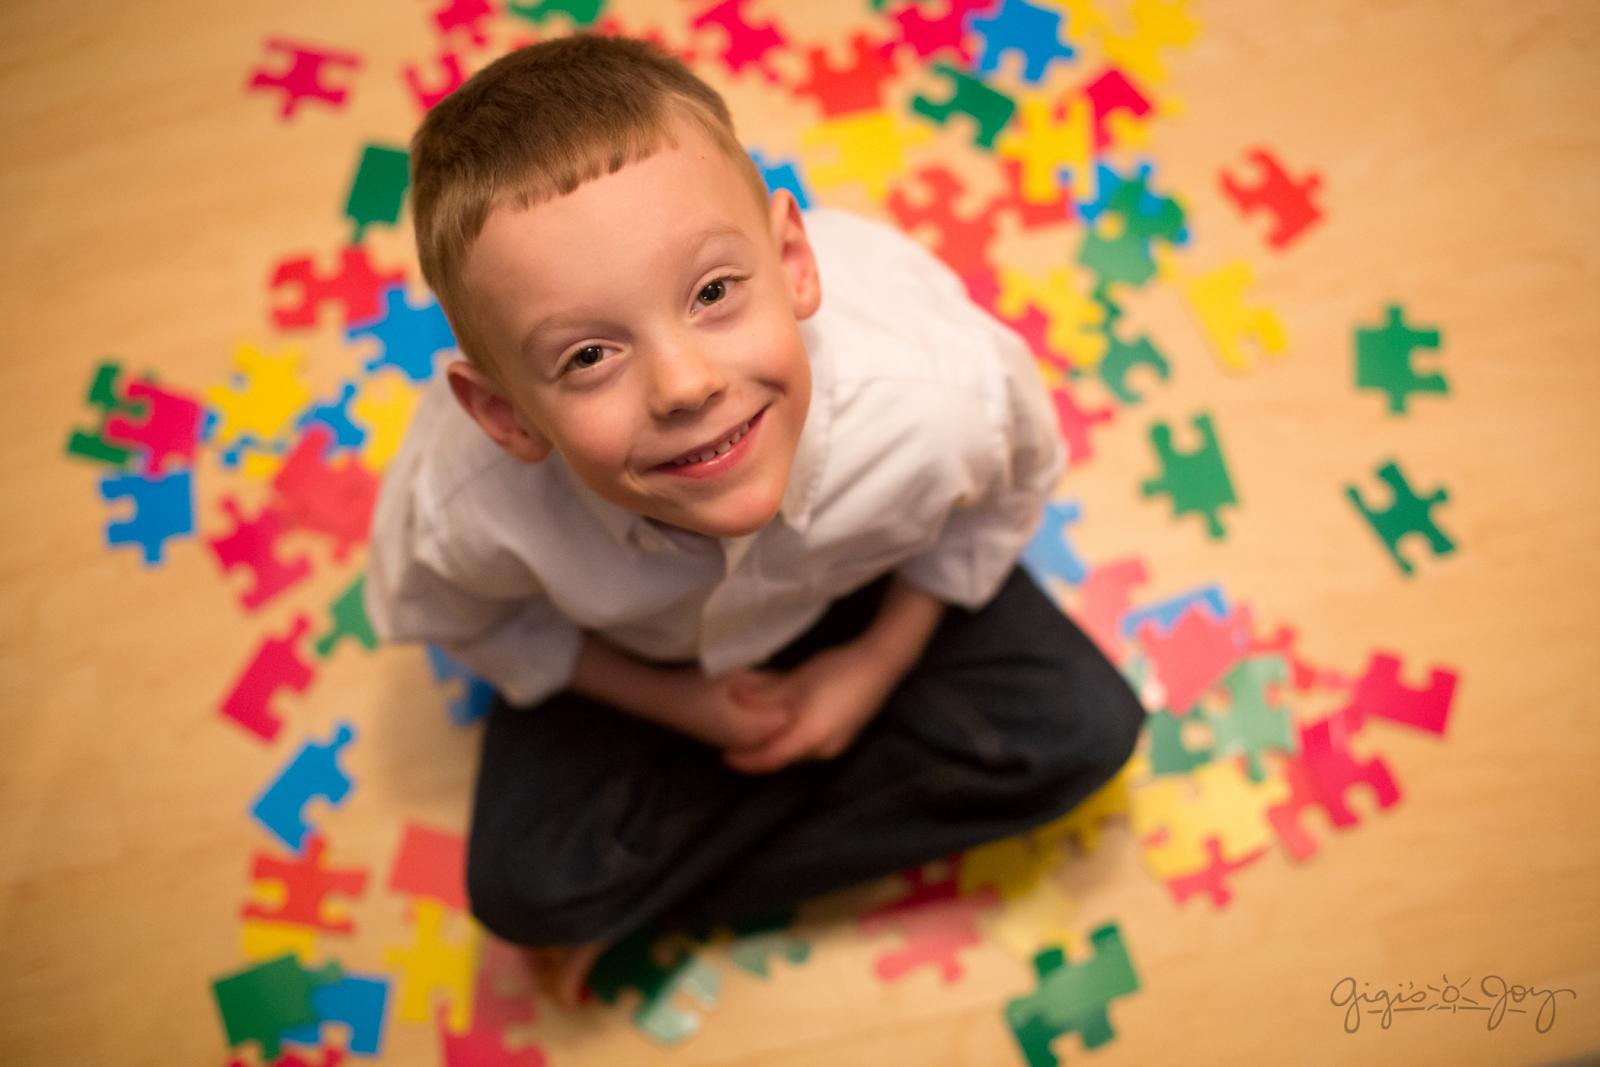 #PraCegoVer Audiodescrição resumida: Fotografia vista de cima. No centro, um menino está sentado no chão com as pernas cruzadas. Ele olha para cima e sorri. No chão, ao redor dele, há várias peças coloridas de quebra-cabeça espalhadas.